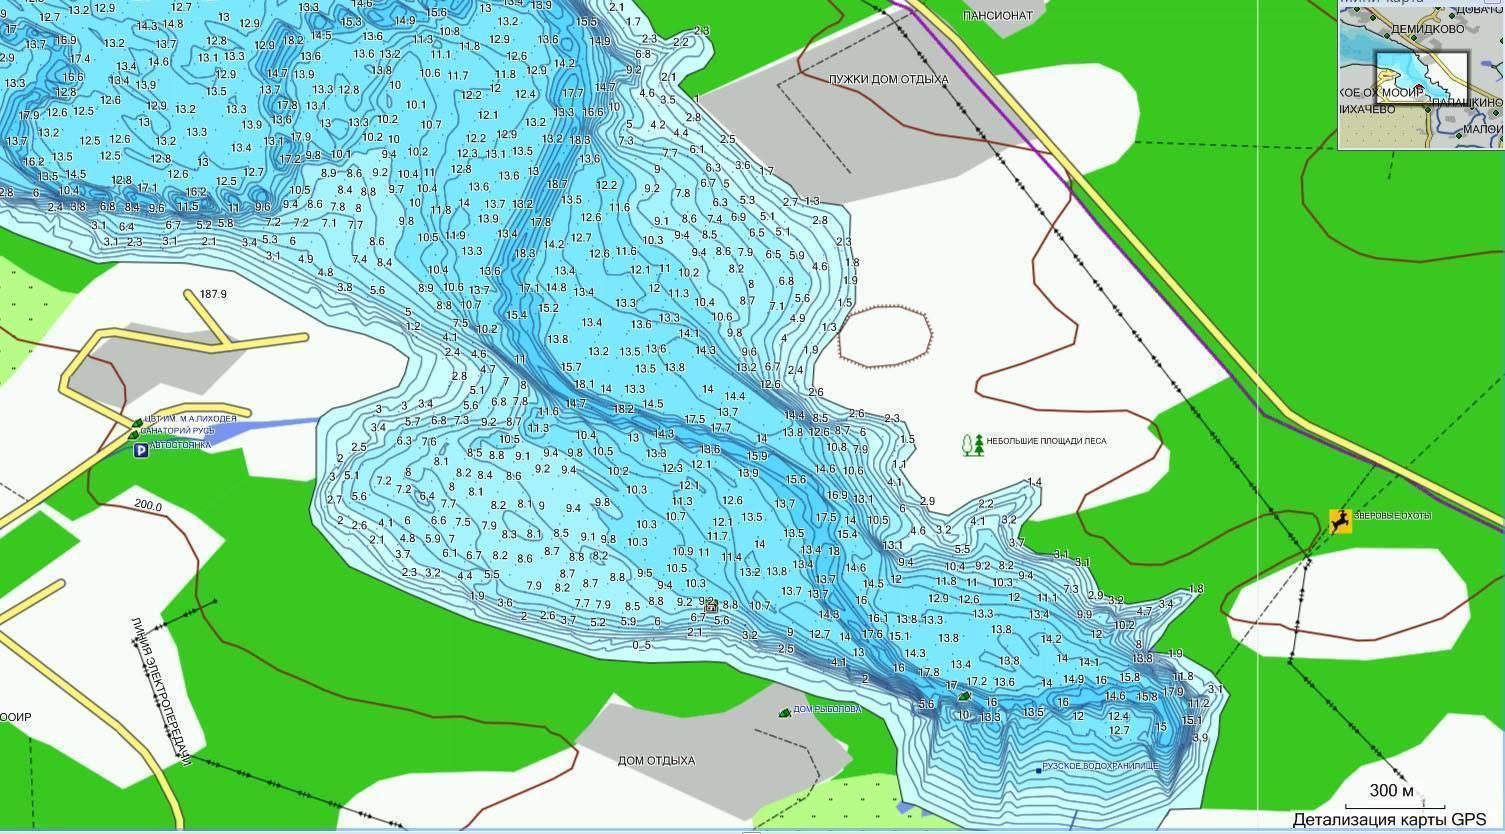 Рыбалка на дубне - зимняя рыбалка видео и отчеты рыбаков